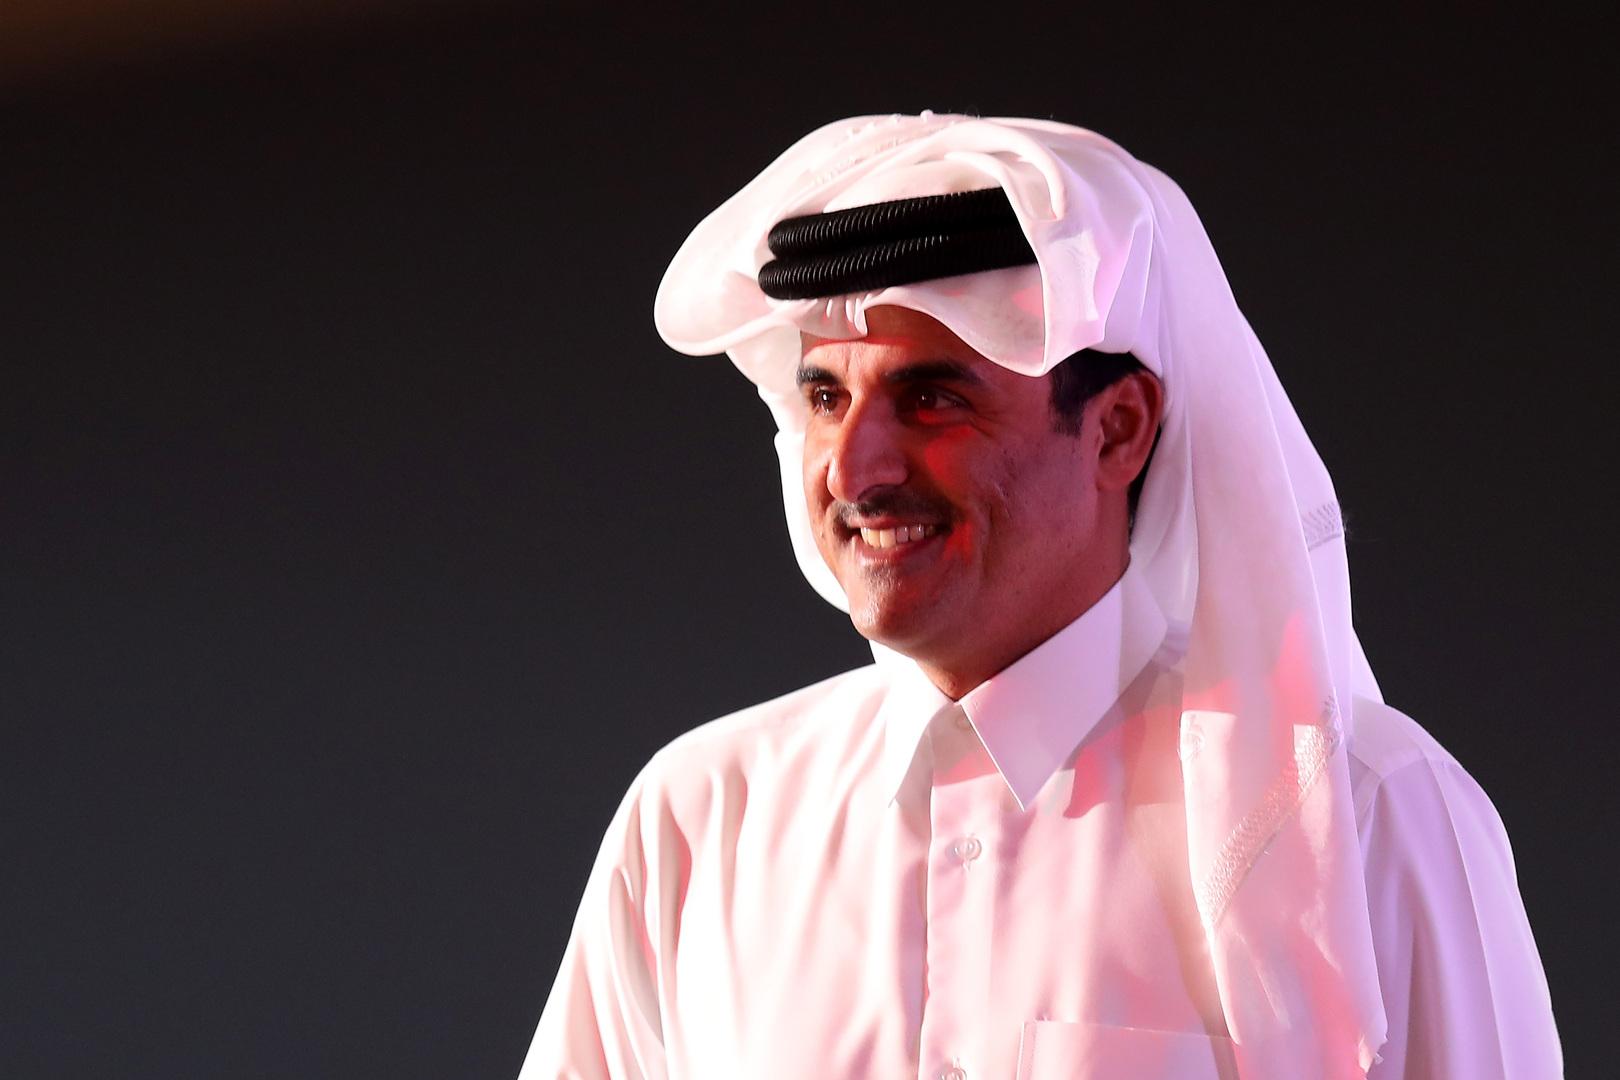 أمير قطر يصدق على قانون ناظم لأول انتخابات تشريعية